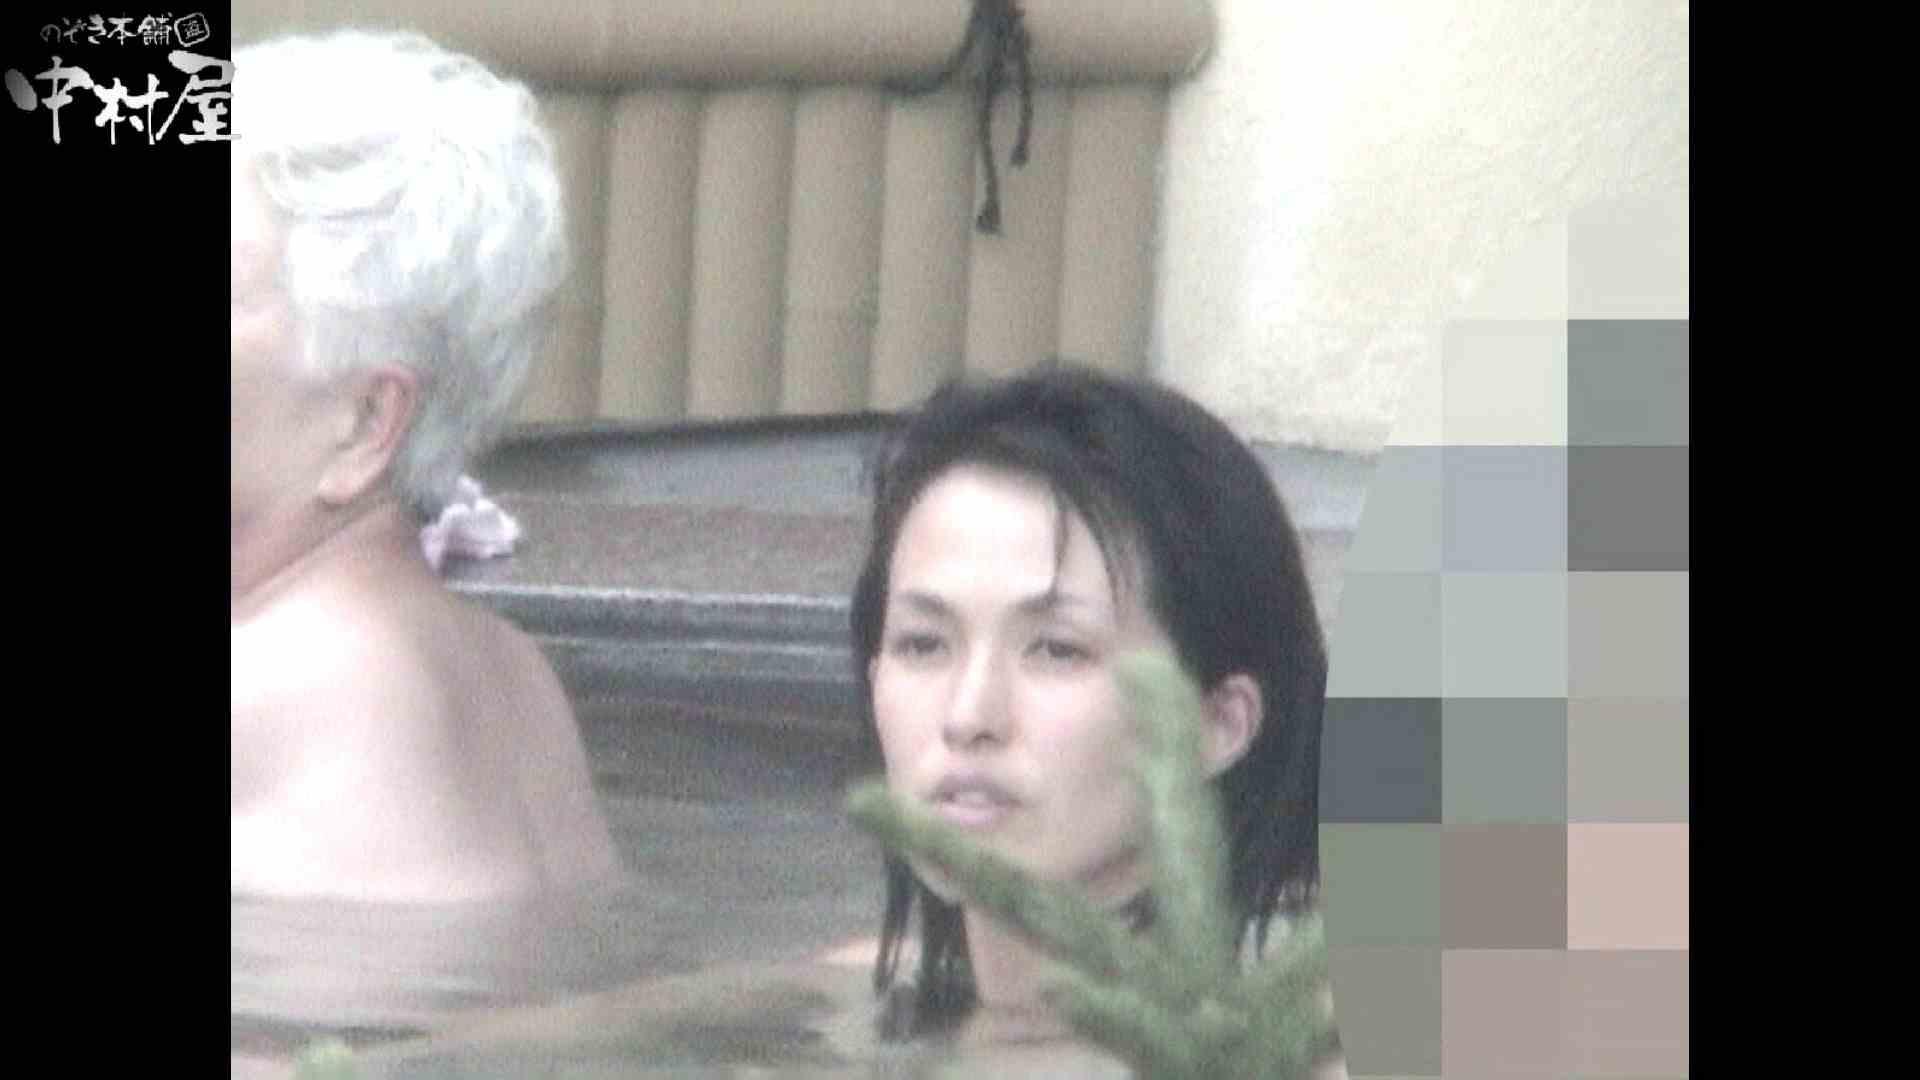 Aquaな露天風呂Vol.933 OLのエロ生活 ワレメ無修正動画無料 74連発 68